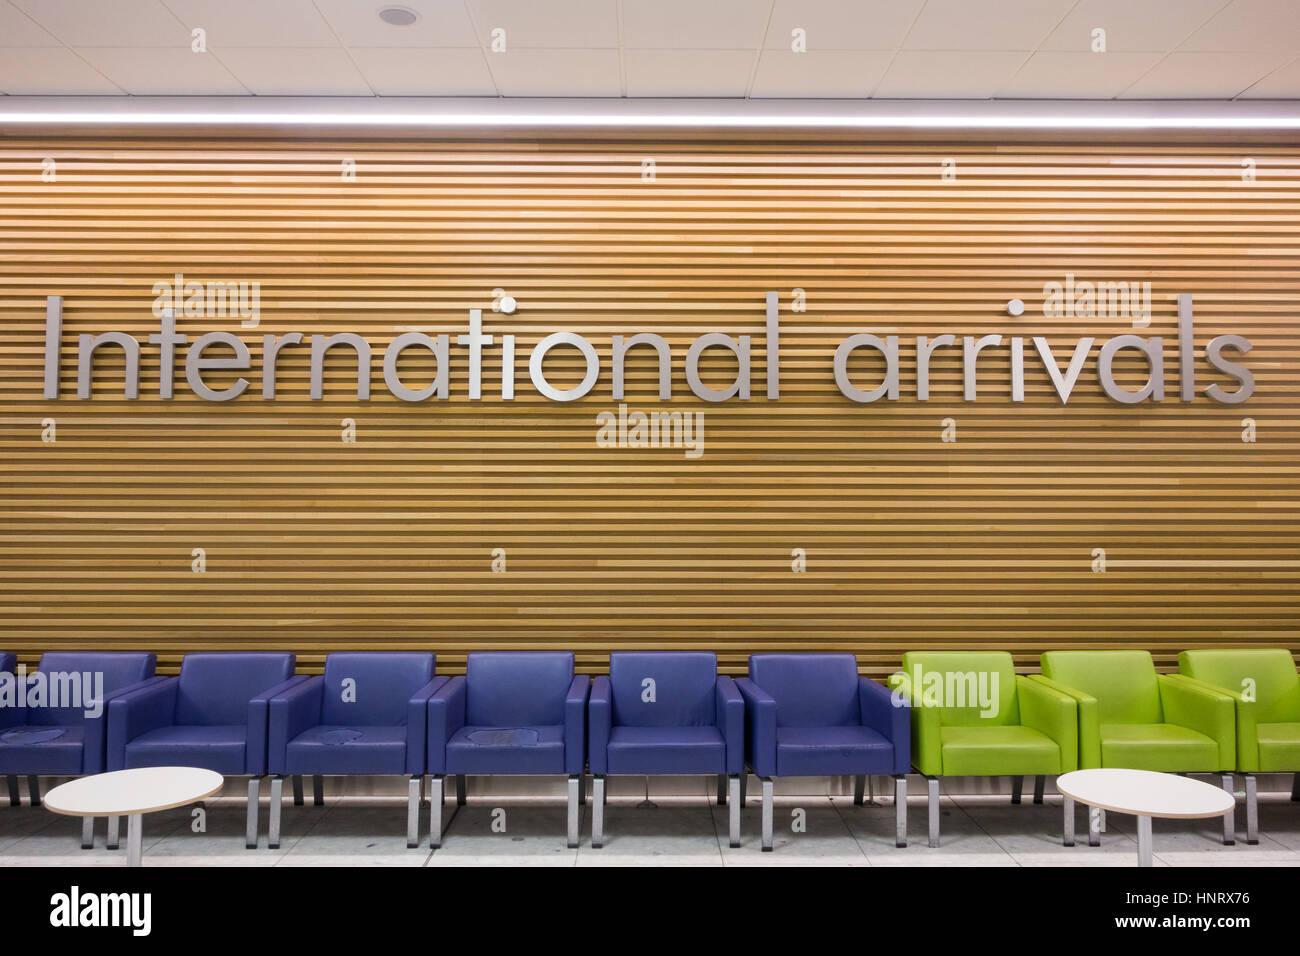 Internationale Ankünfte Zeichen über der Zeile leeren Stühle Stockbild